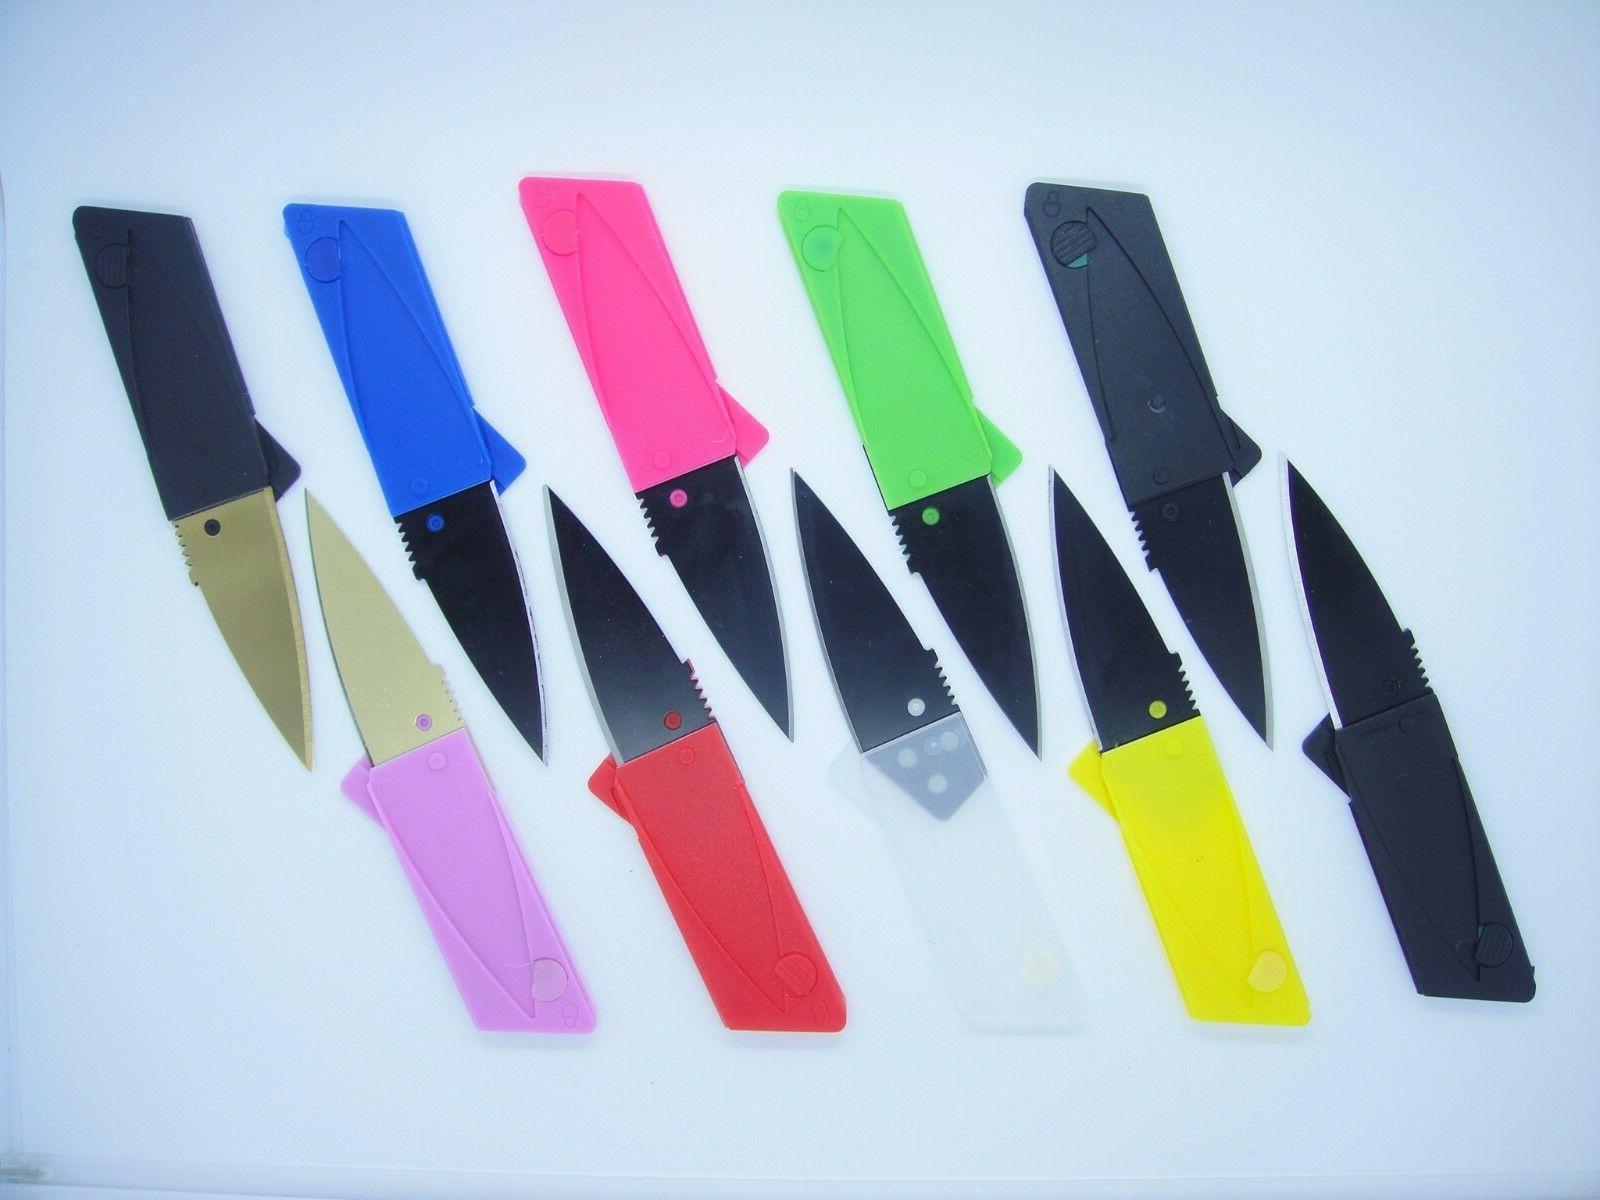 20 Multi Color Credit Card Knives folding wallet pocket surv